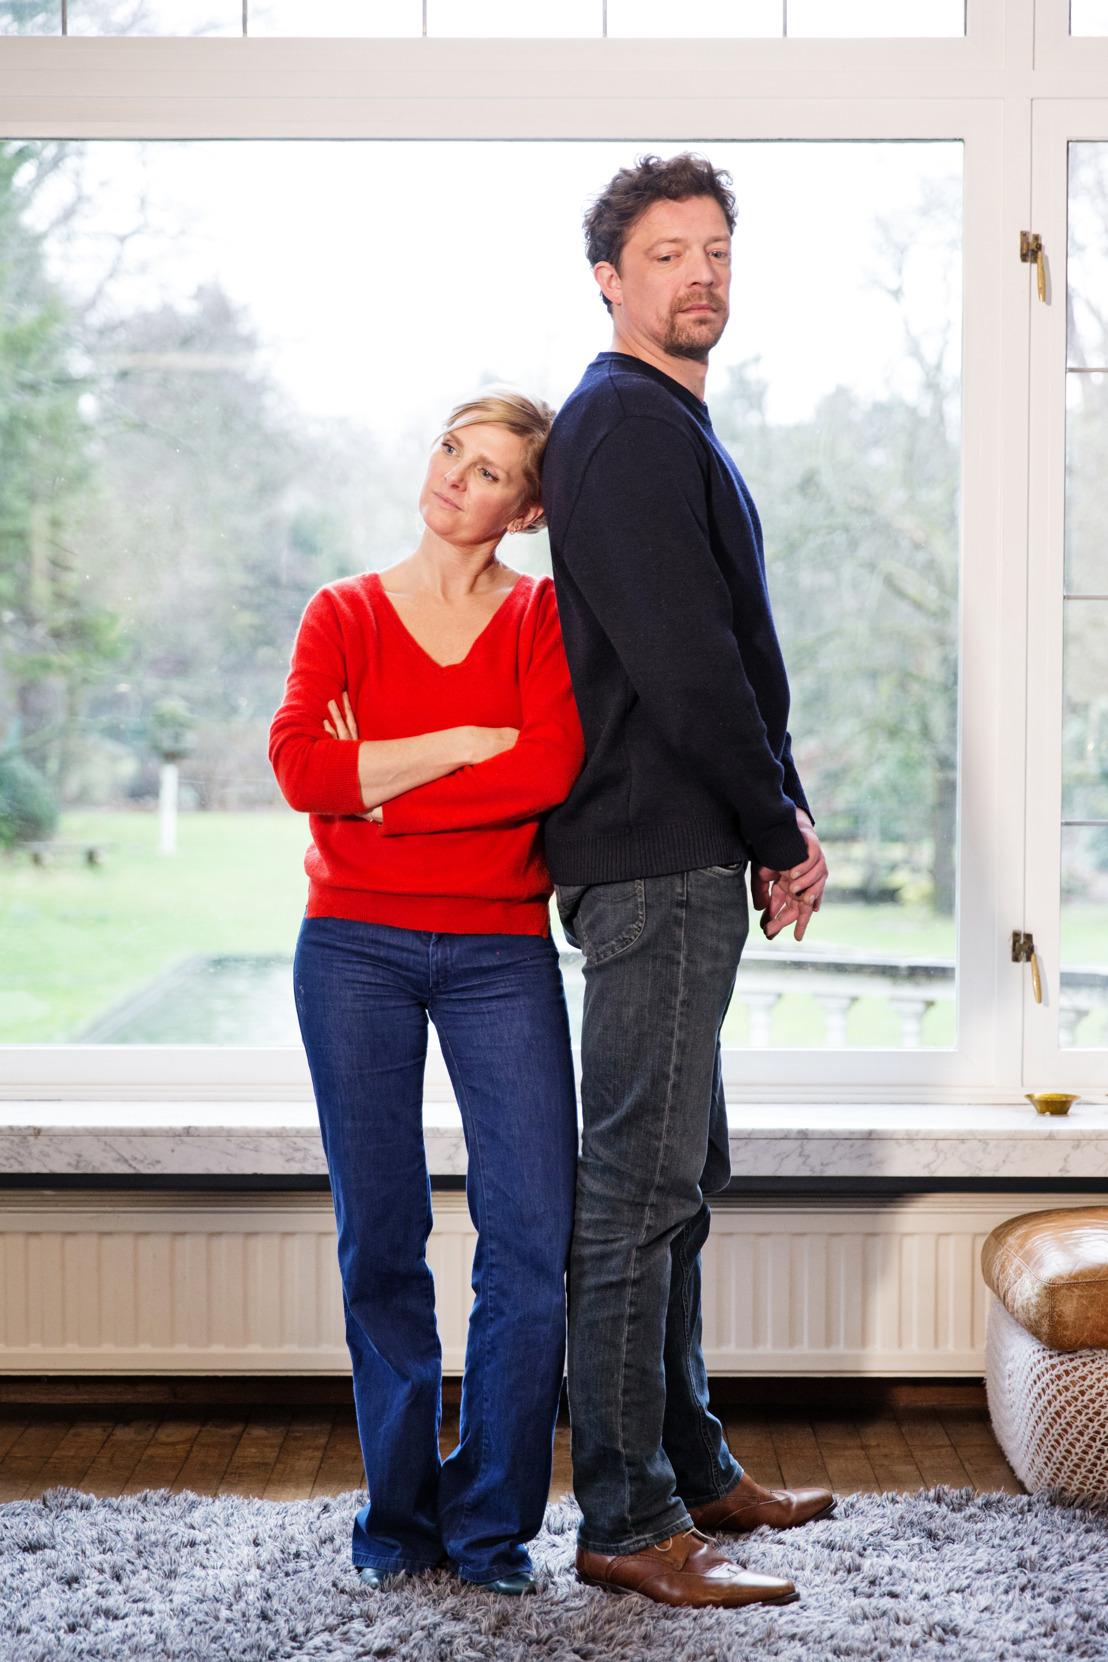 Nieuwe VIER-fictie #hetisingewikkeld focust op nieuwe gezinsvormen